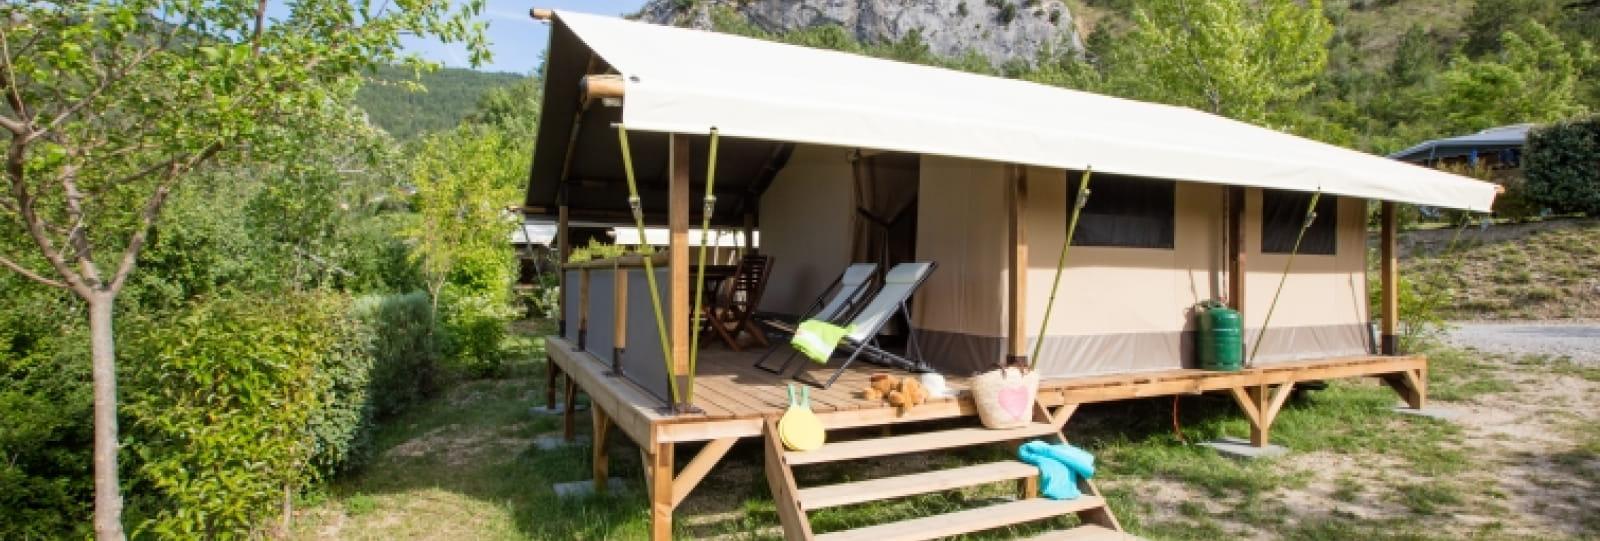 Tentes toilées du camping les Ramières